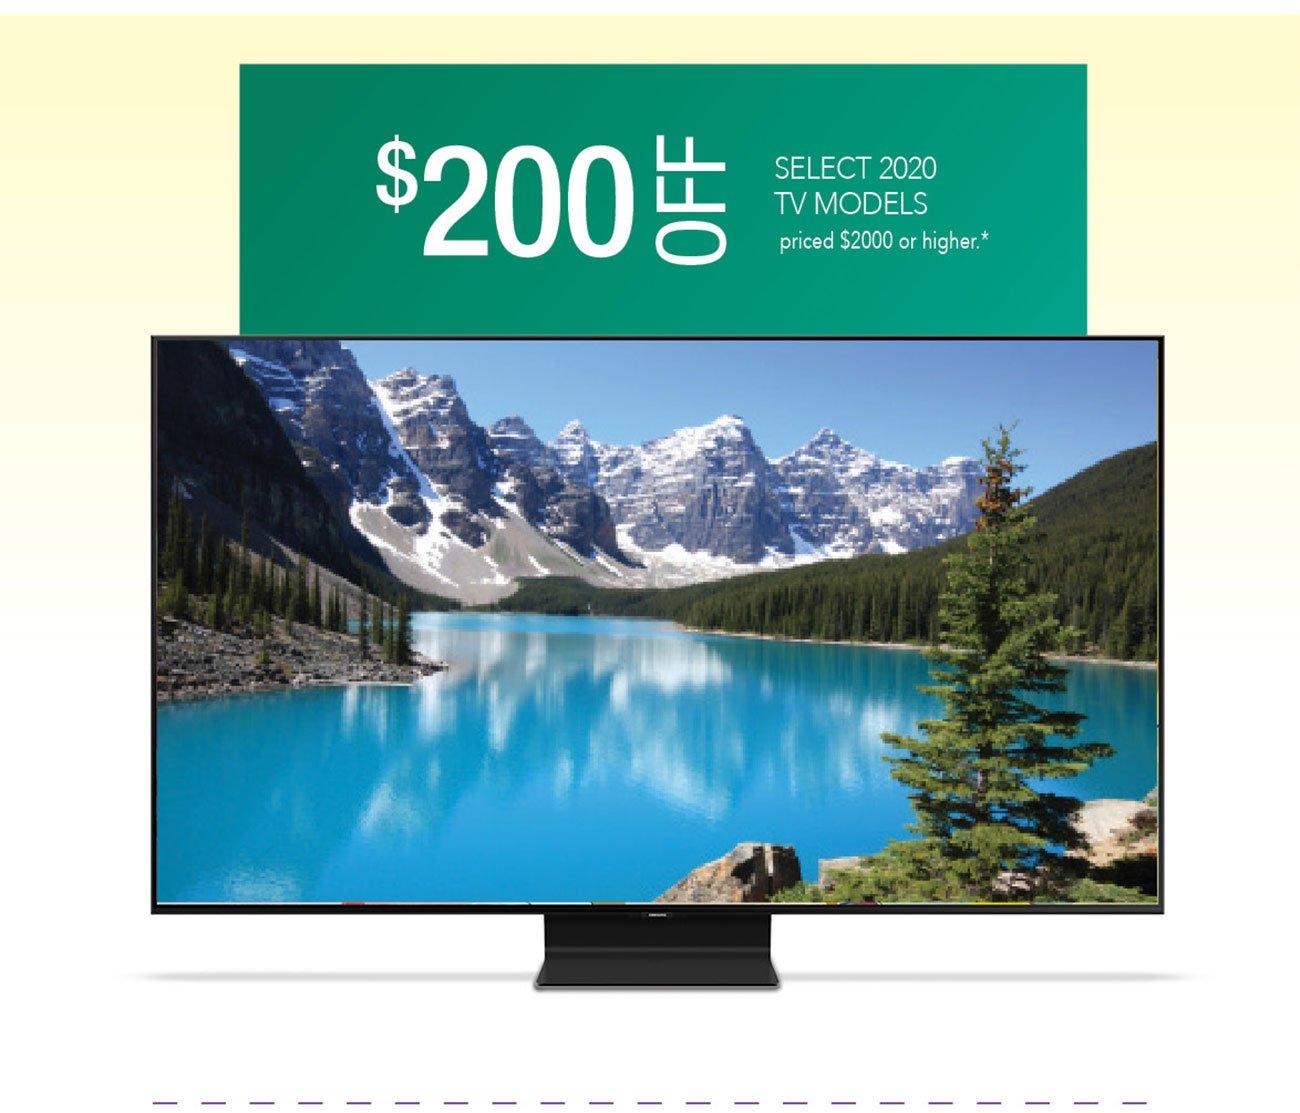 TV-coupon